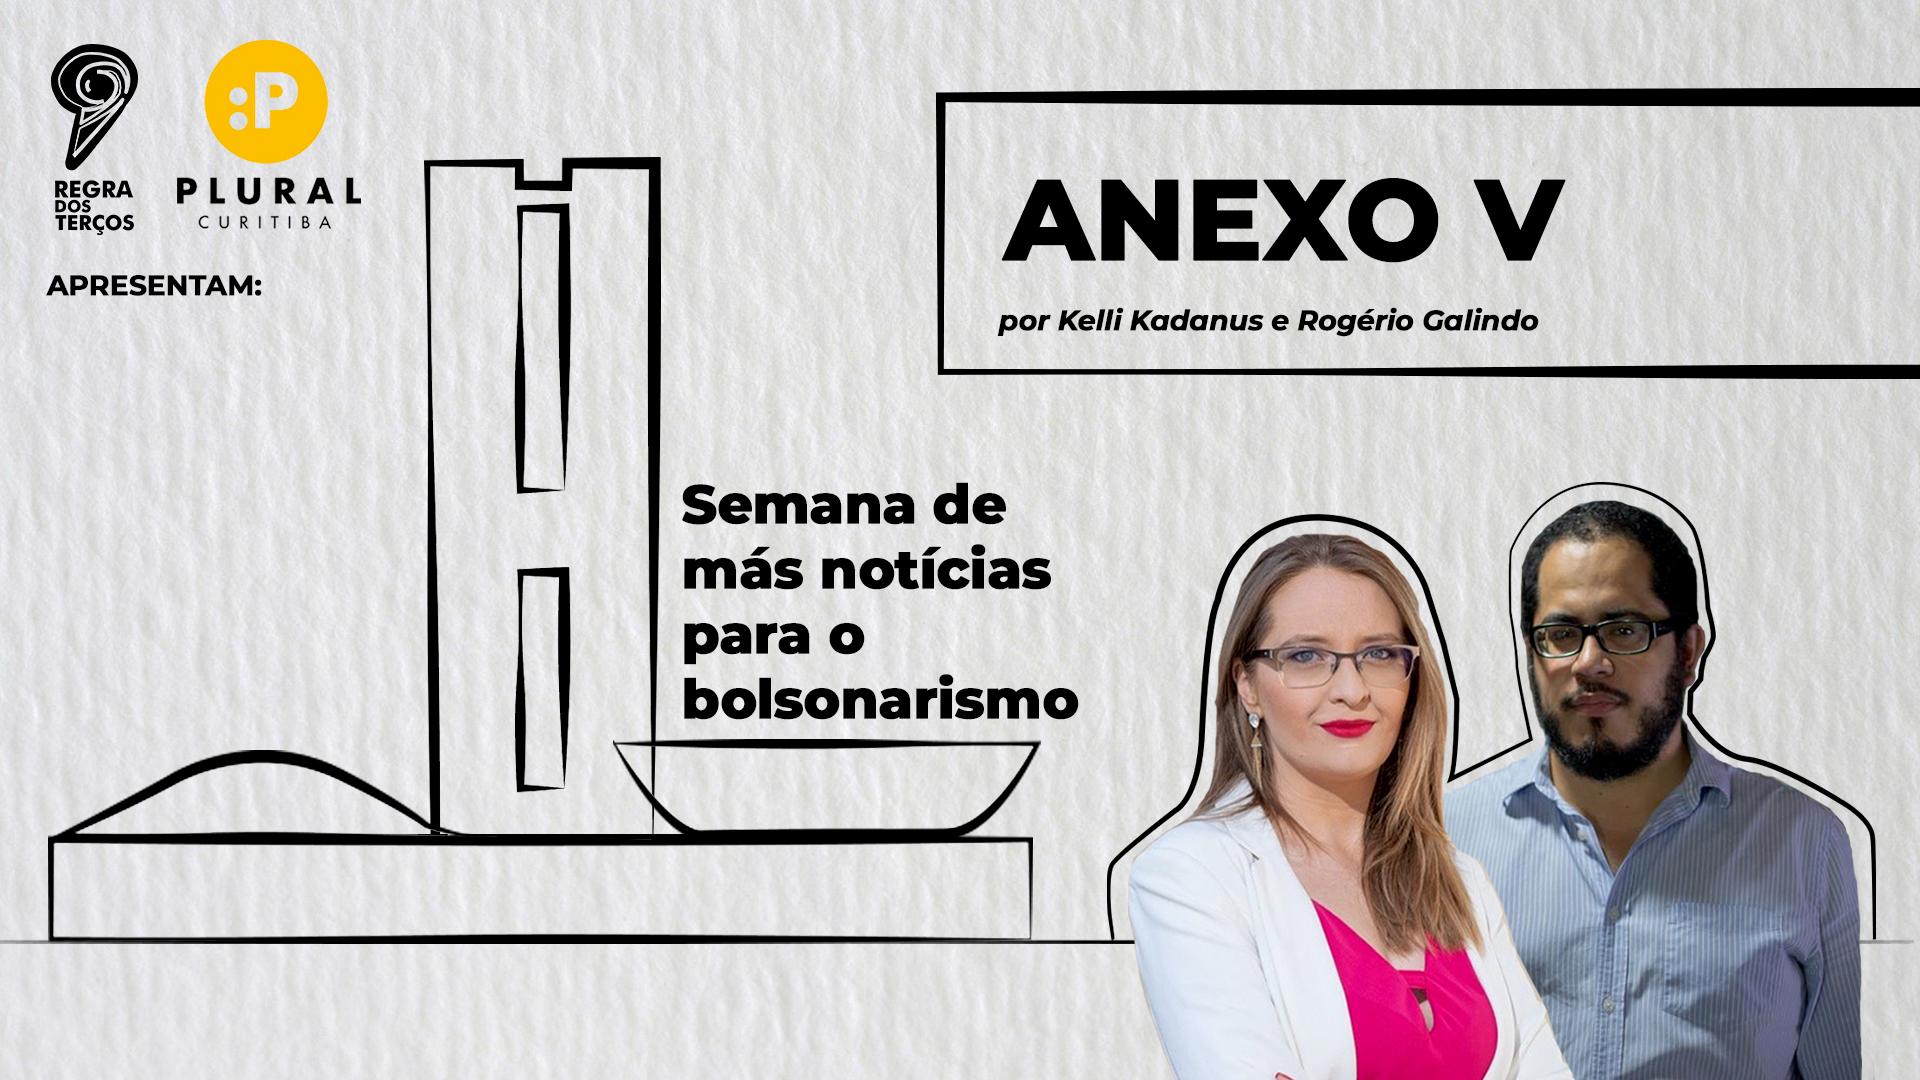 ANEXO V: SEMANA CHEIA DE MÁS NOTÍCIAS PARA O BOLSONARISMO